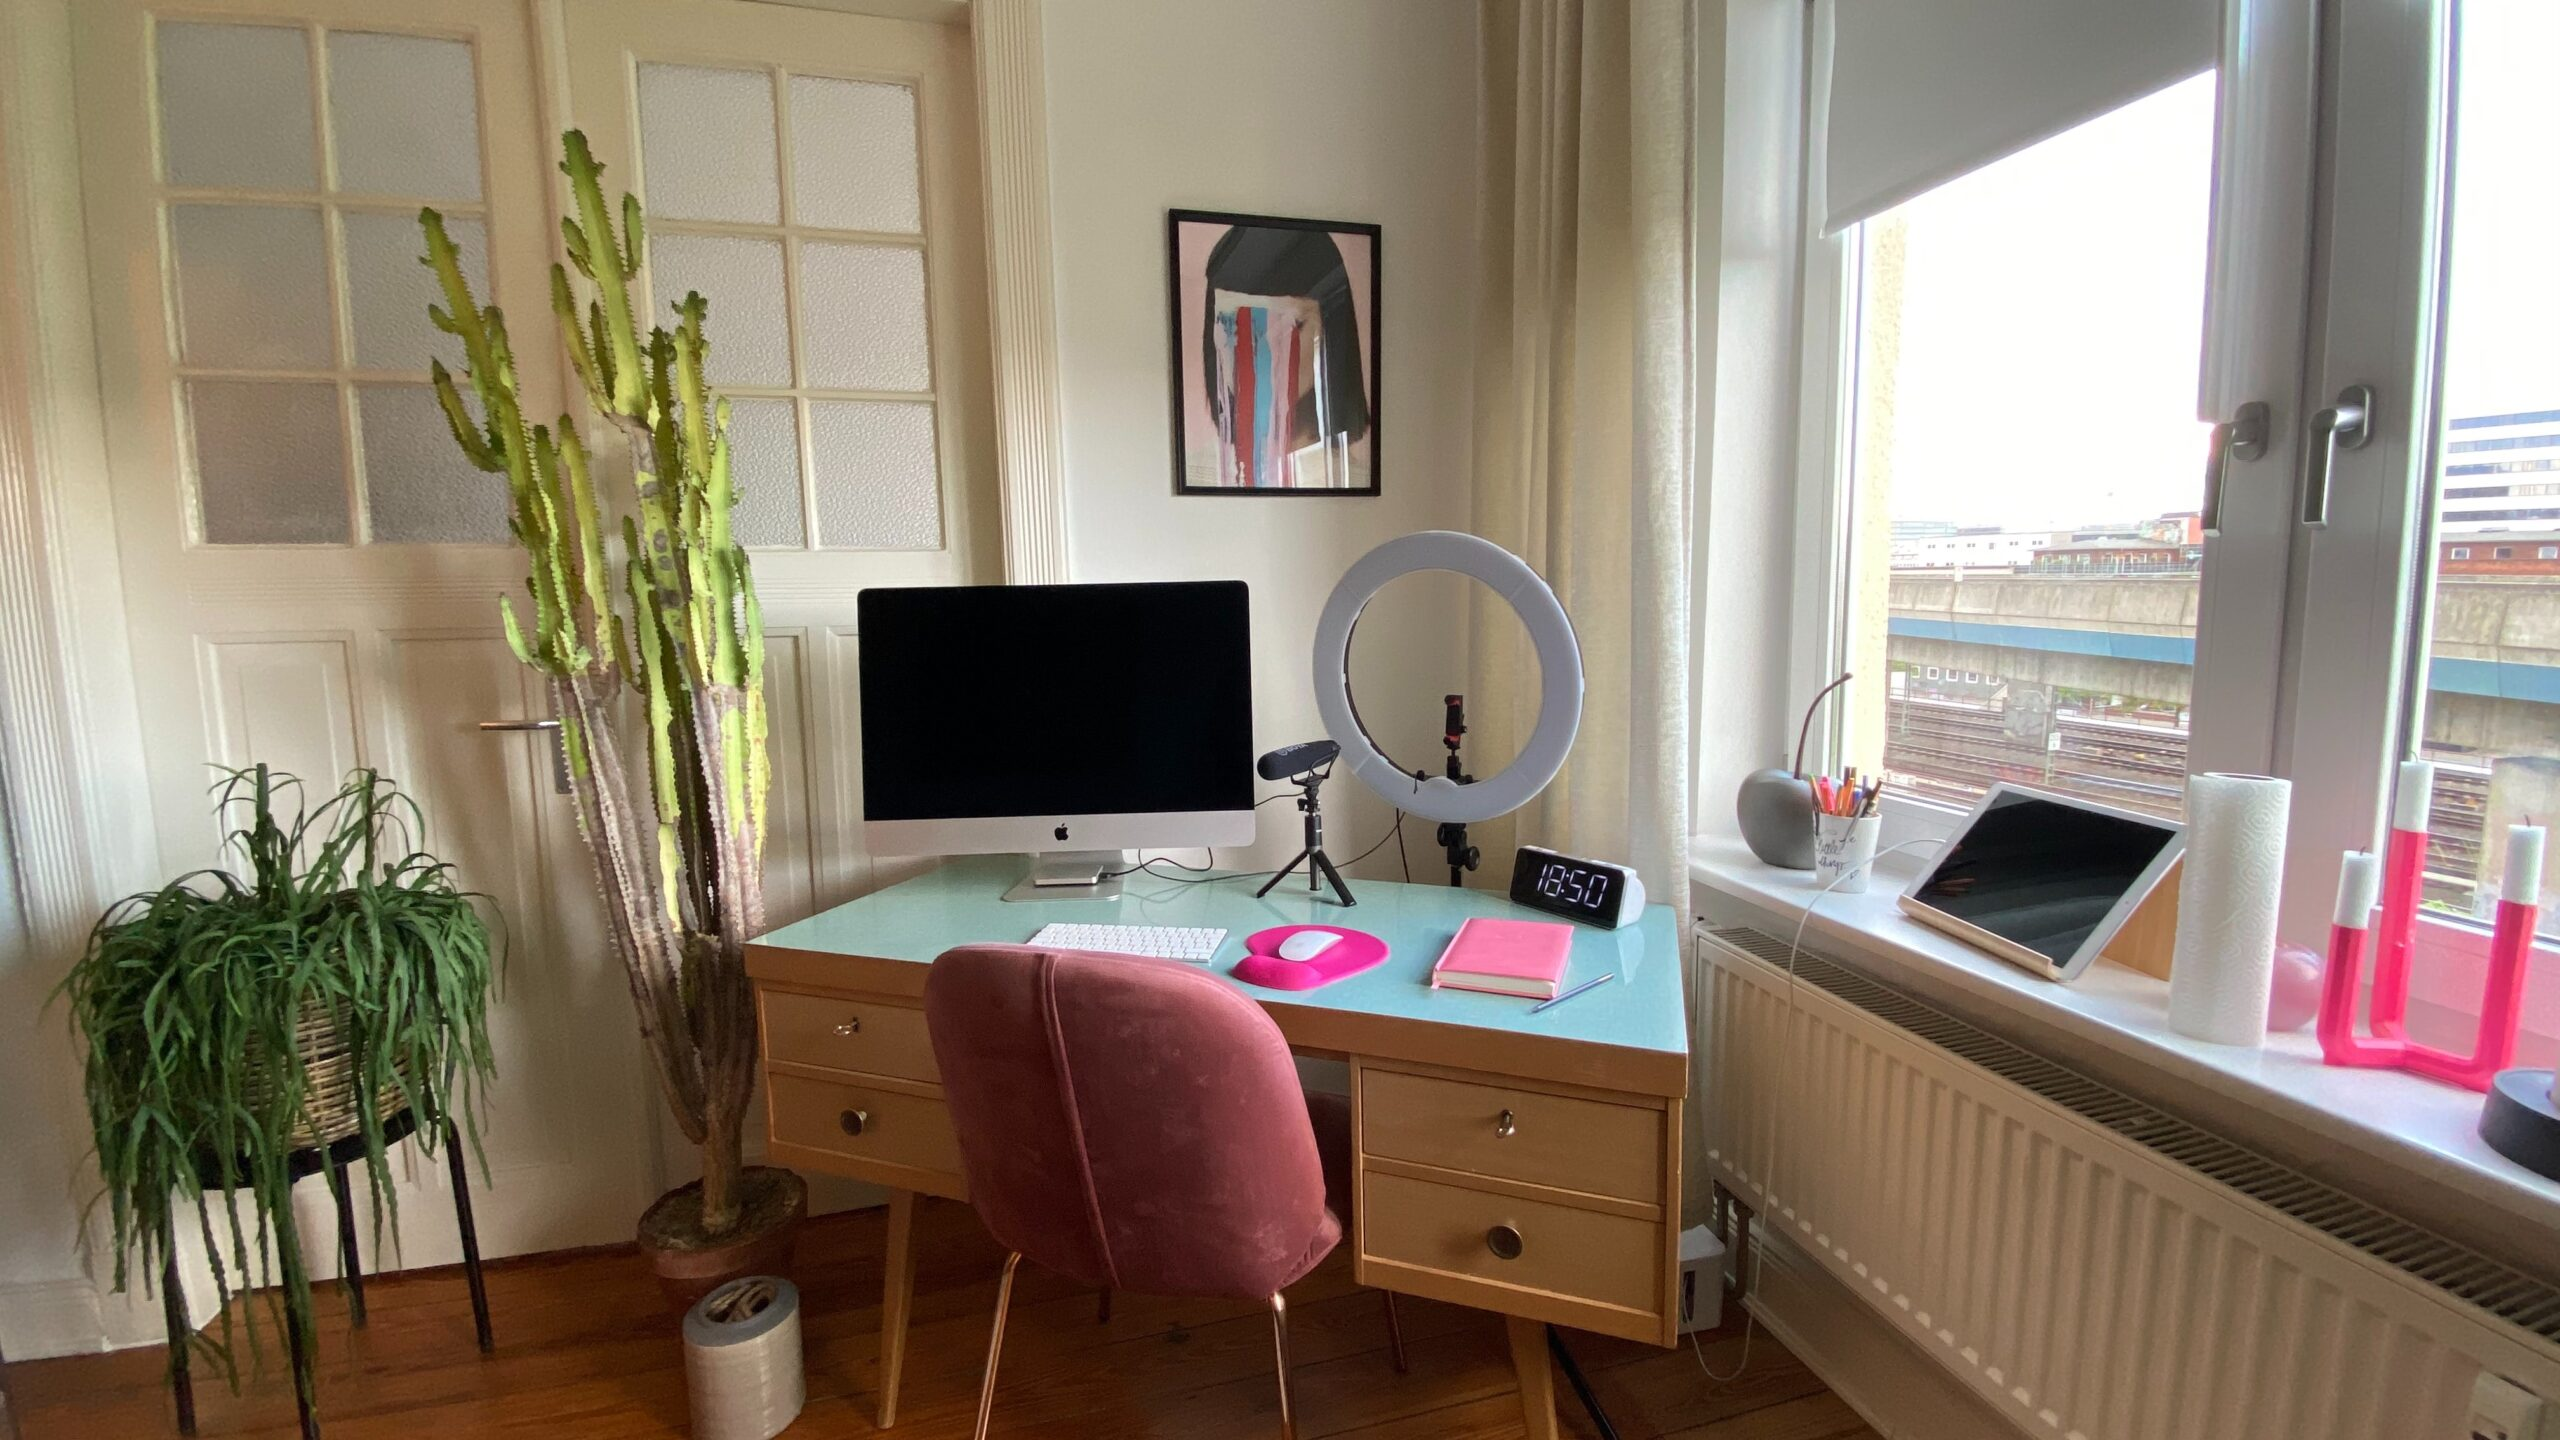 オフィスの広さとオフィス家具②広いオフィスの場合